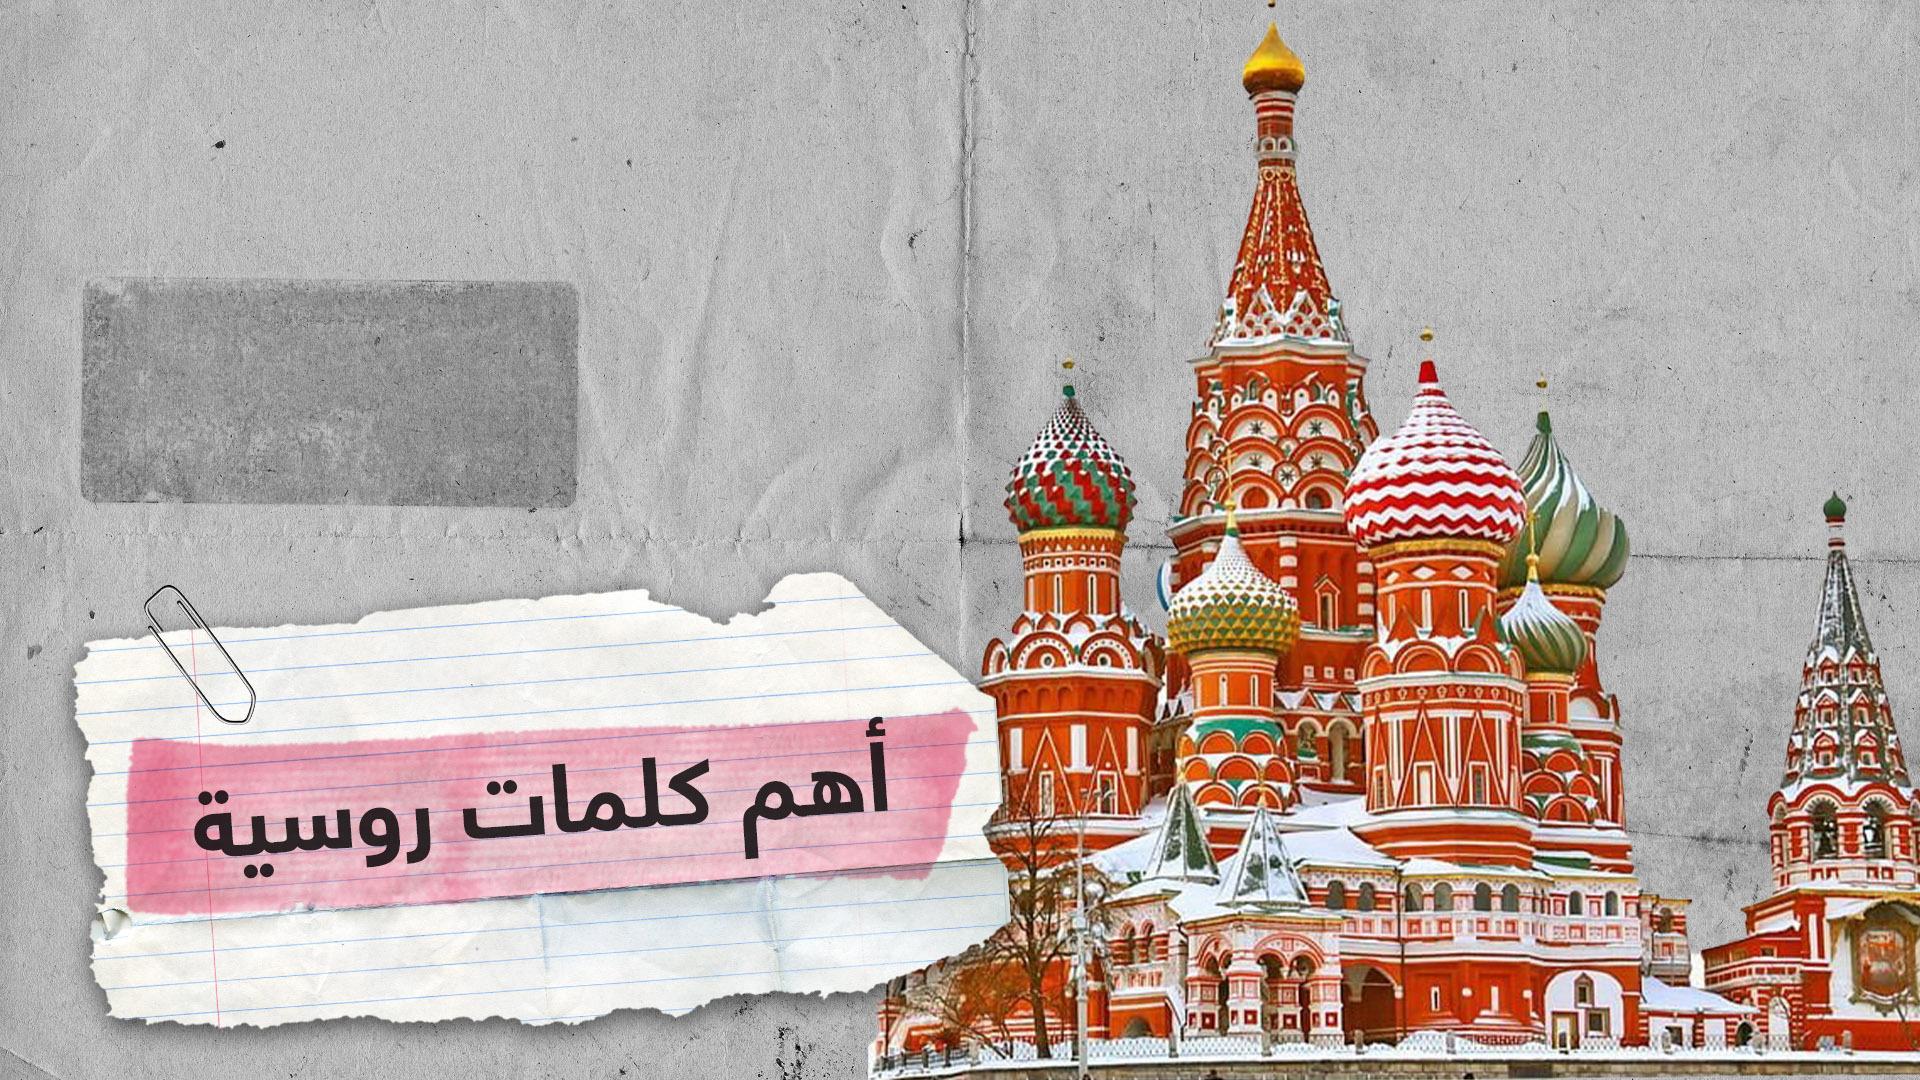 أهم الكلمات التي يحتاجها السائح عند زيارة روسيا